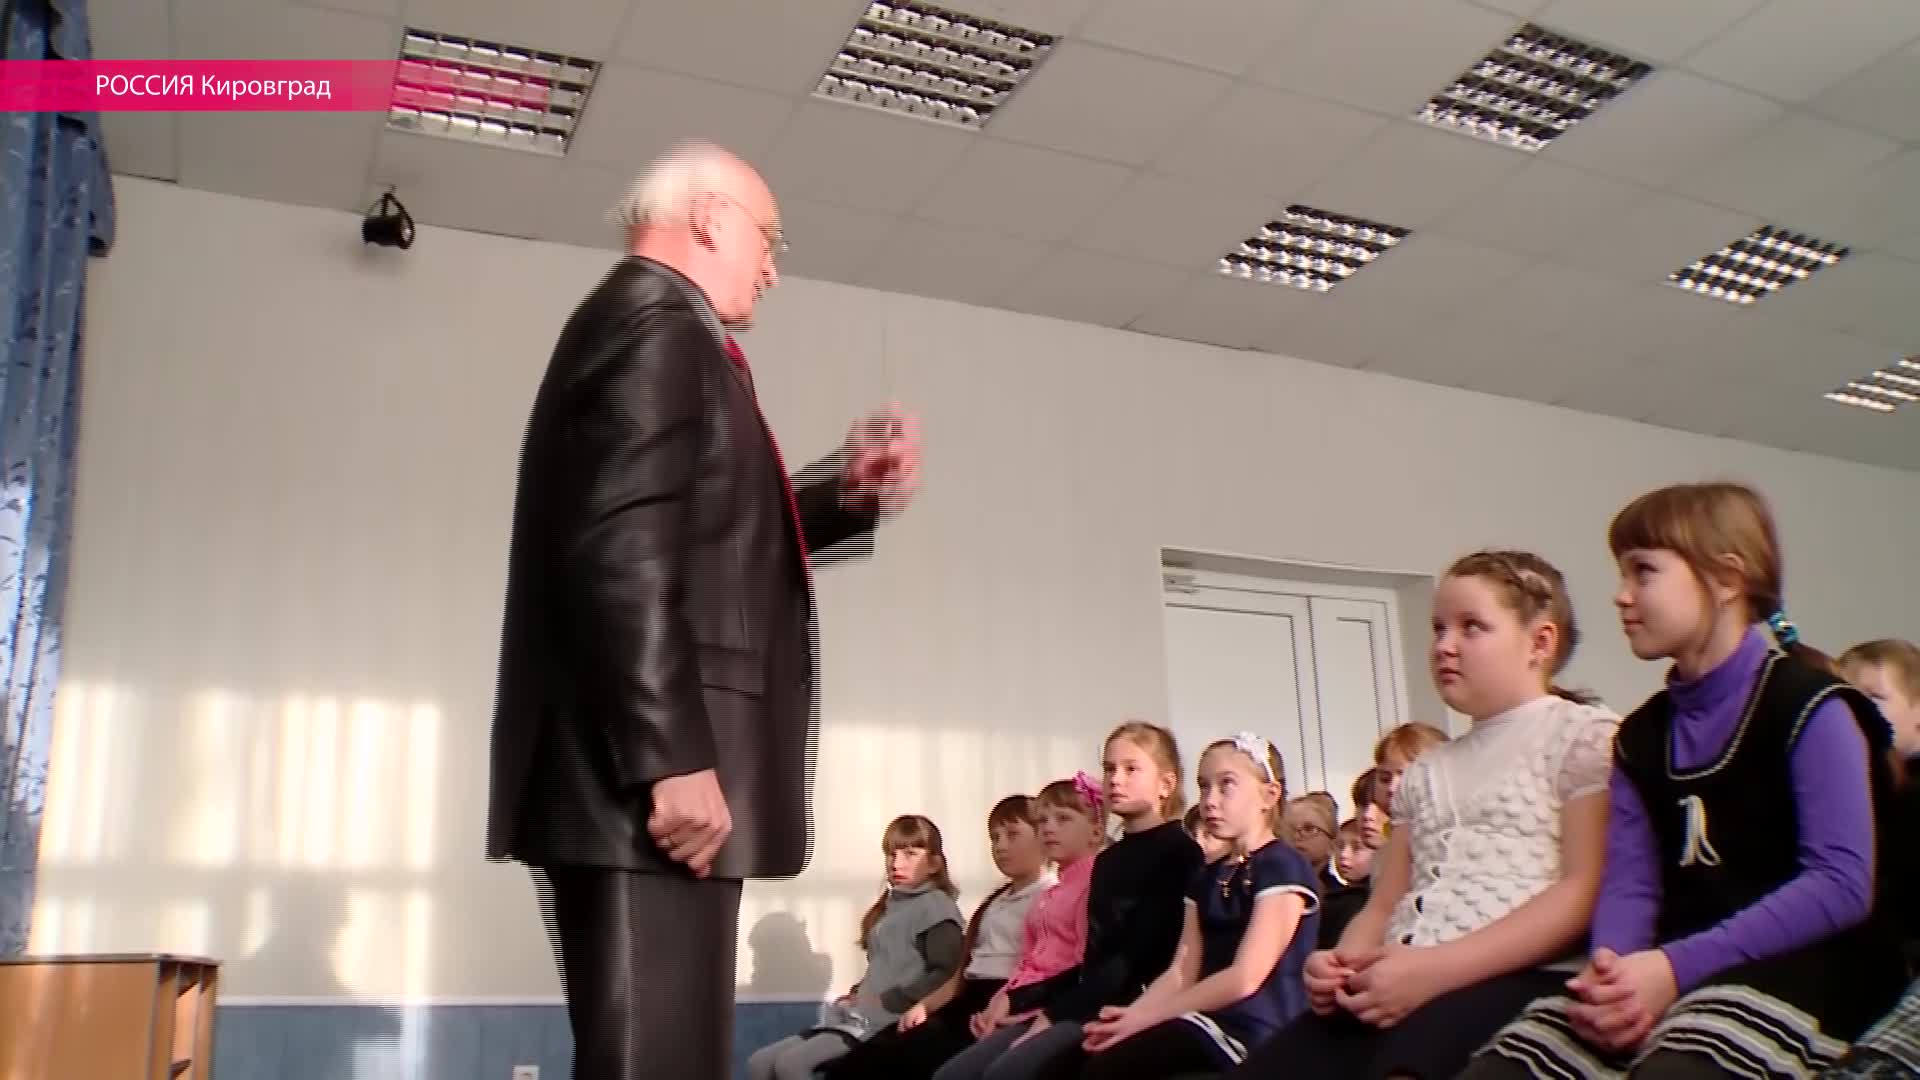 Пропаганда пришла в школы: уральским детям за 70 рублей читали лекцию про распятого мальчика